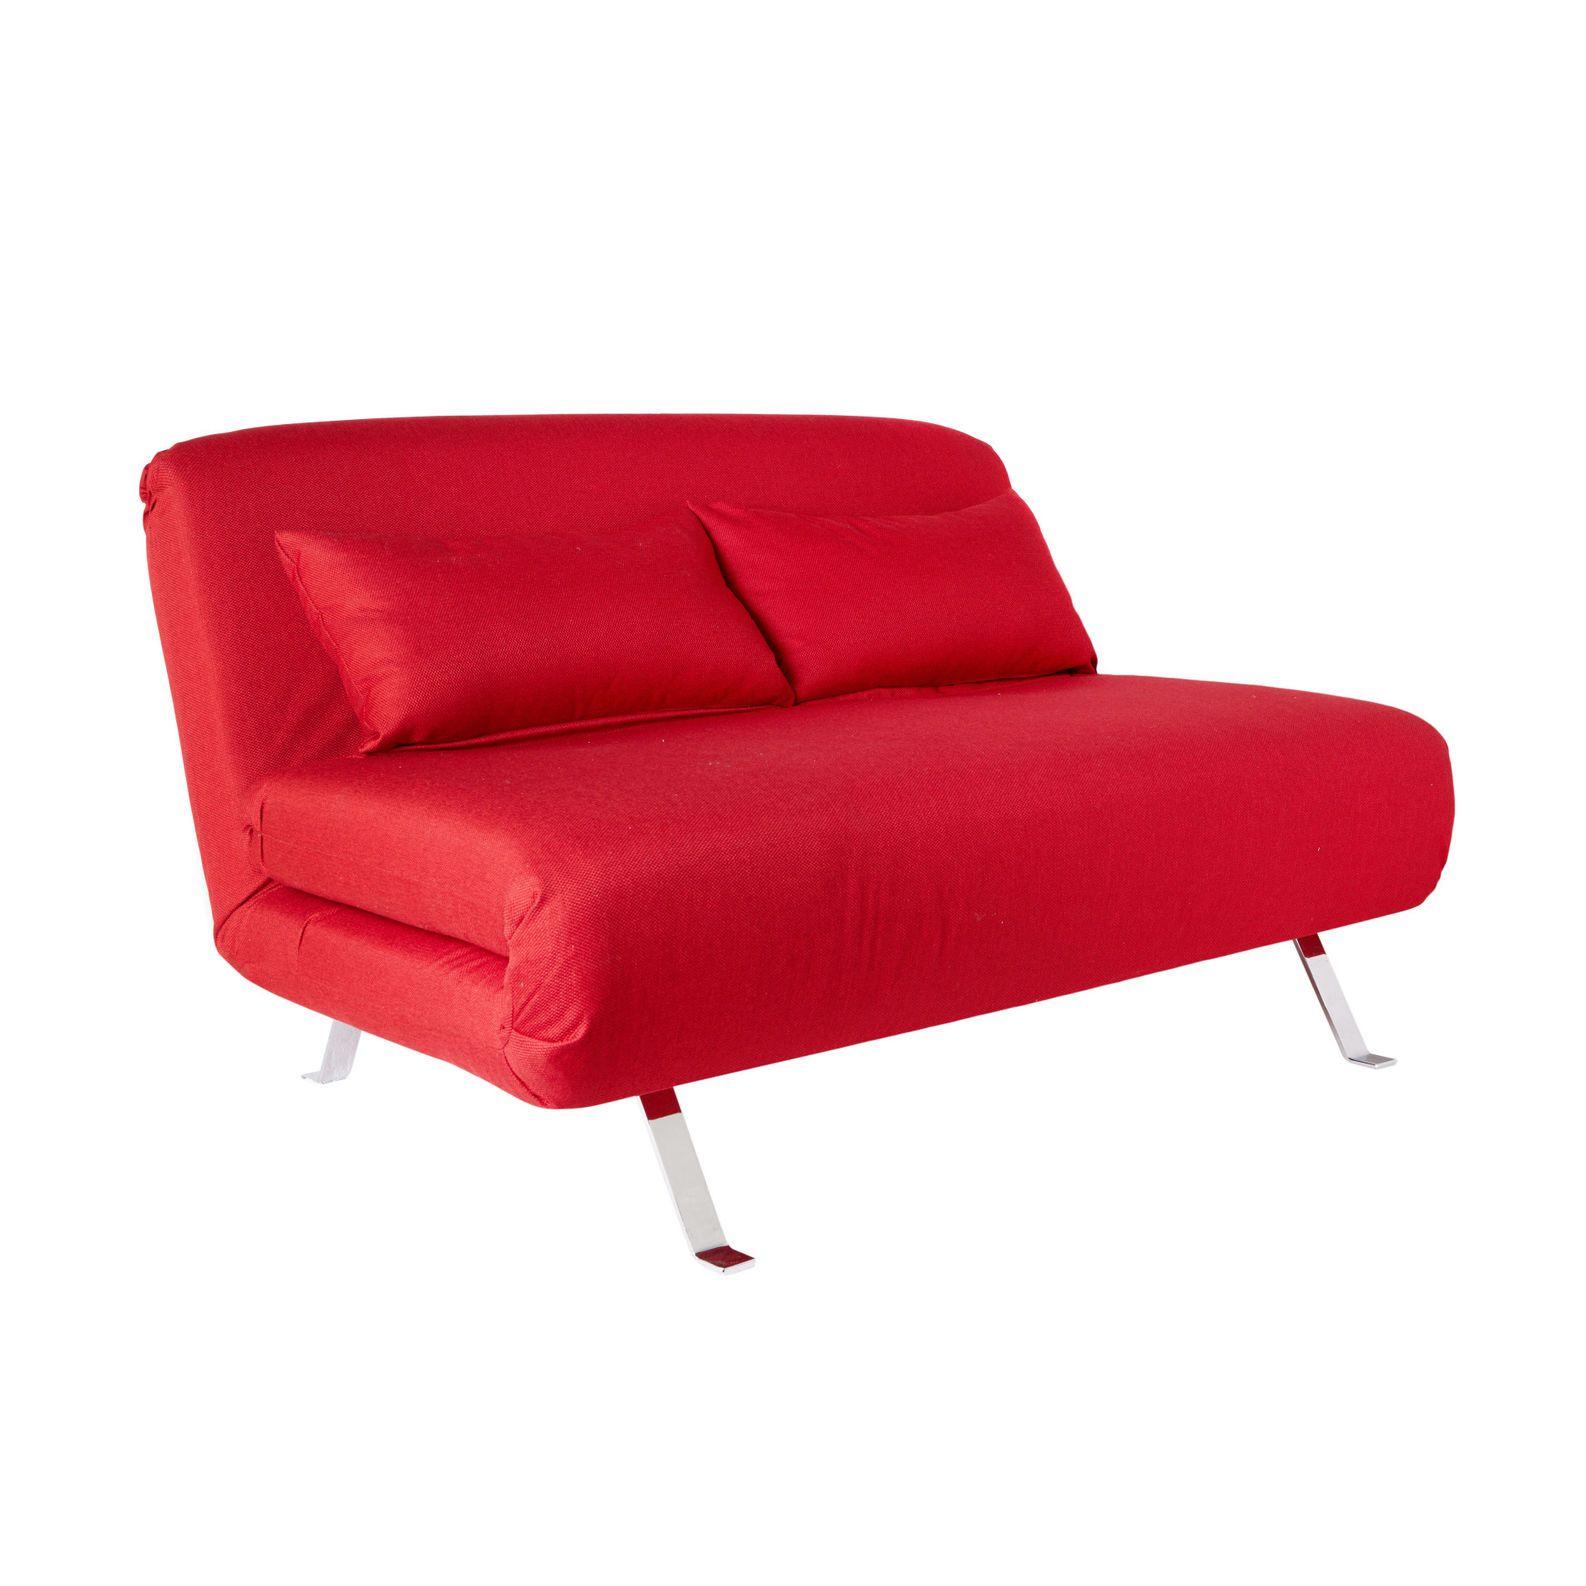 Chelsea Queen Sized Sofa Bed Queen Size Sofa Bed Queen Size